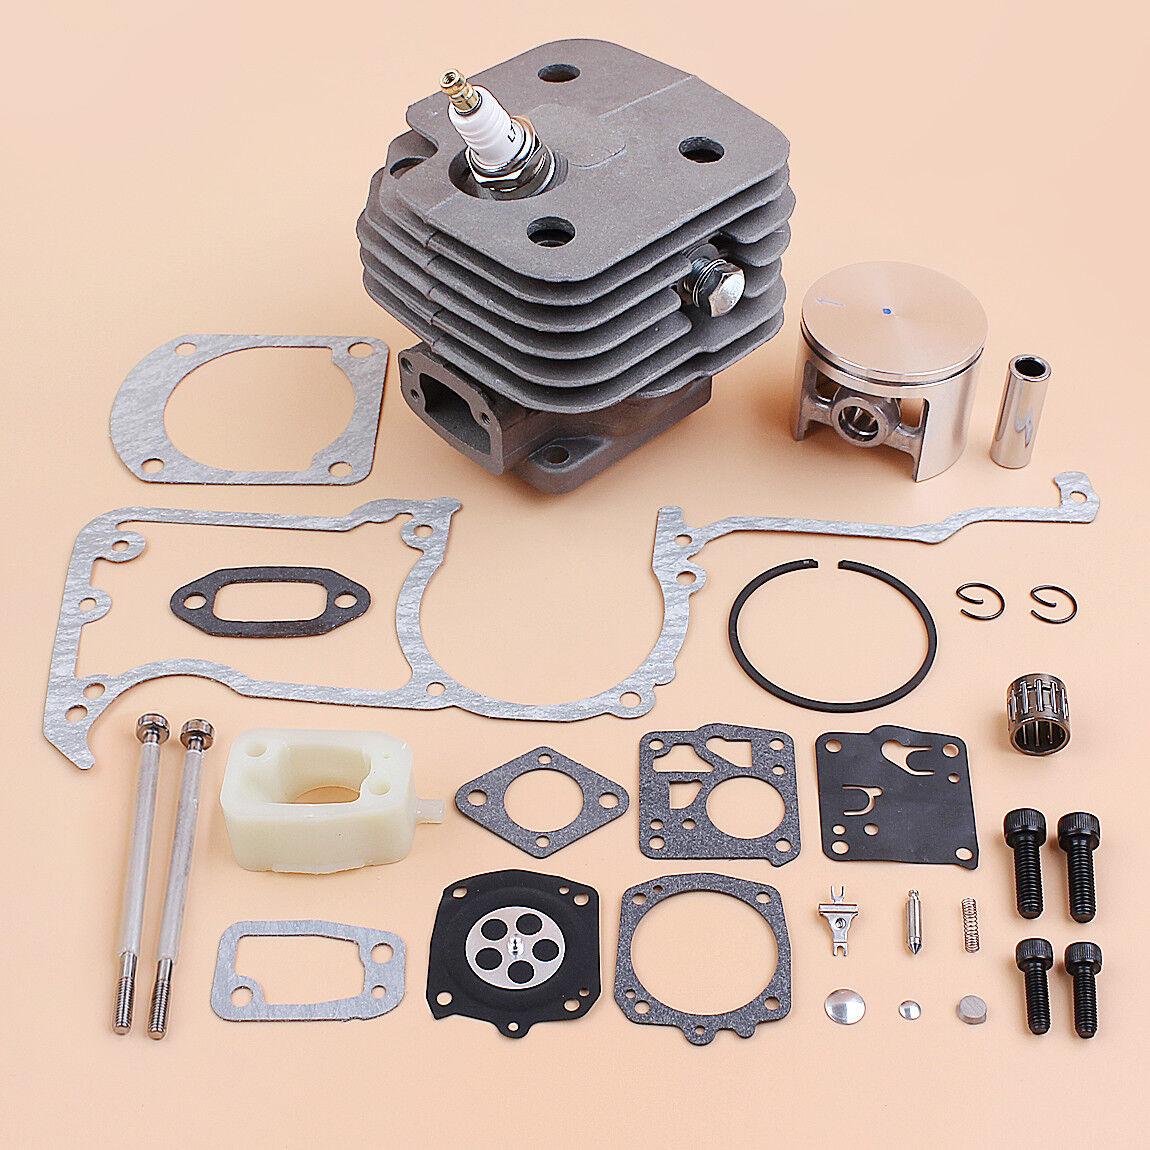 Kit de junta de Pistón Cilindro 52mm Nikasil ajuste 630 súper Jonserojo gran diámetro motosierra